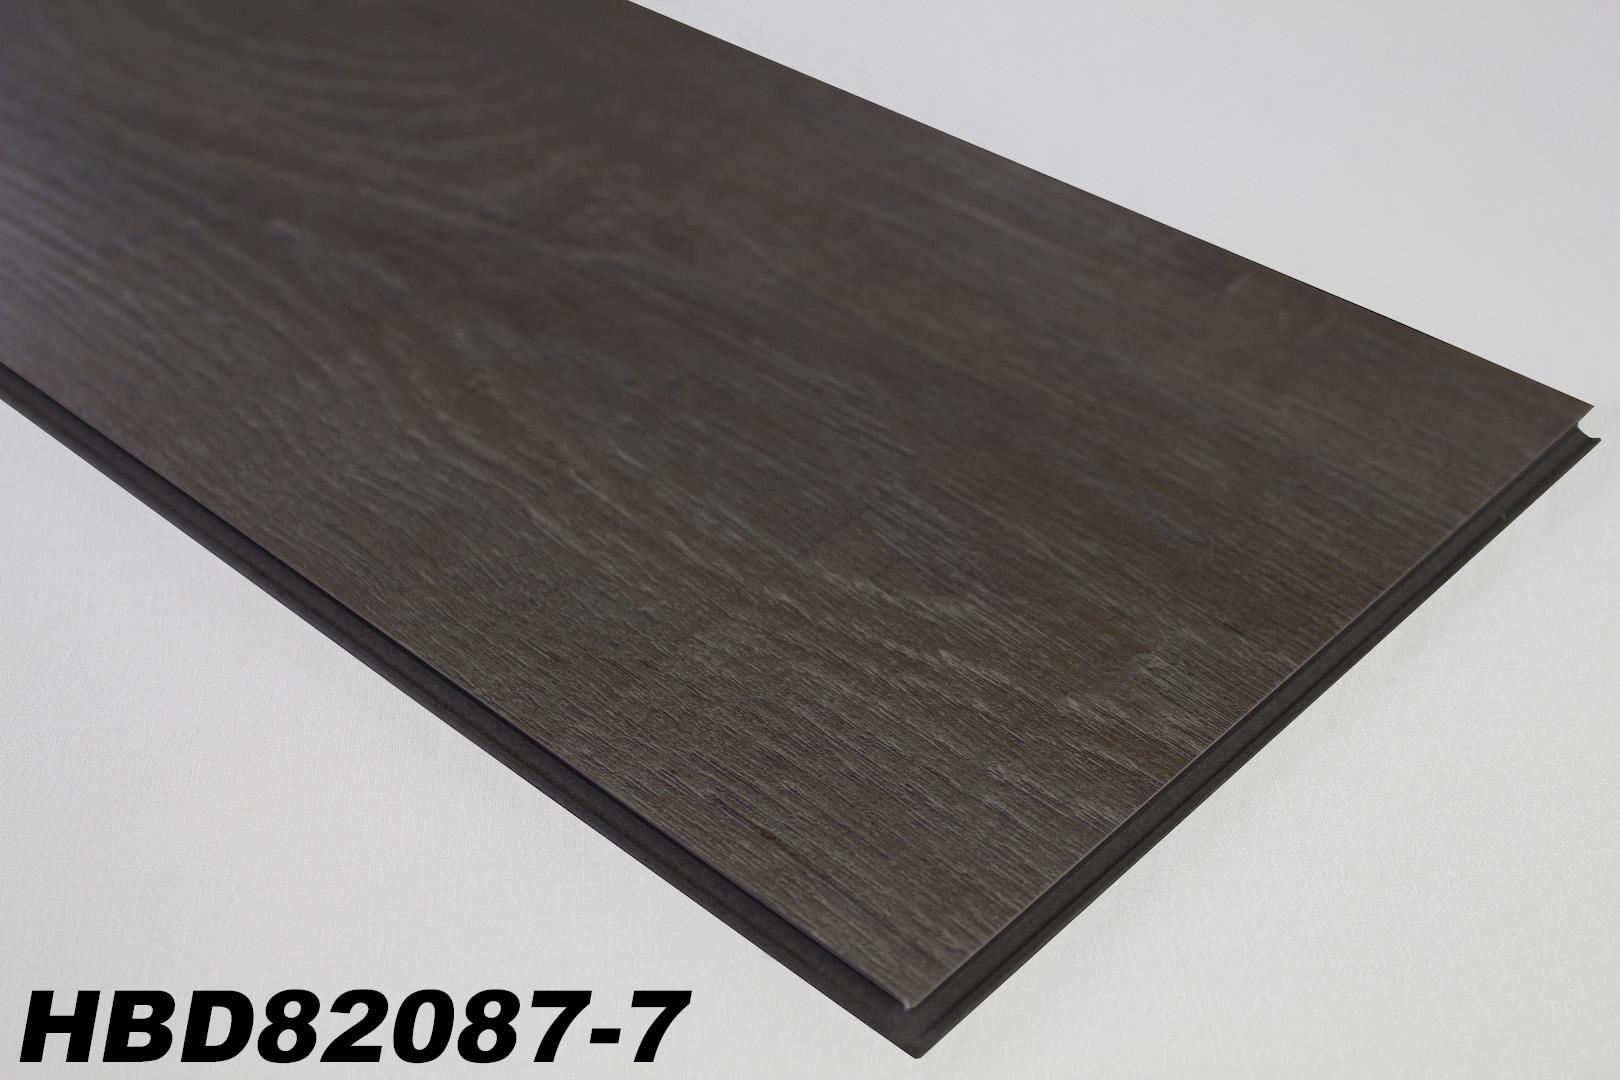 Sparpaket 40 28 M Vinylboden In 4 2mm Klick Pvc Bodenbelag